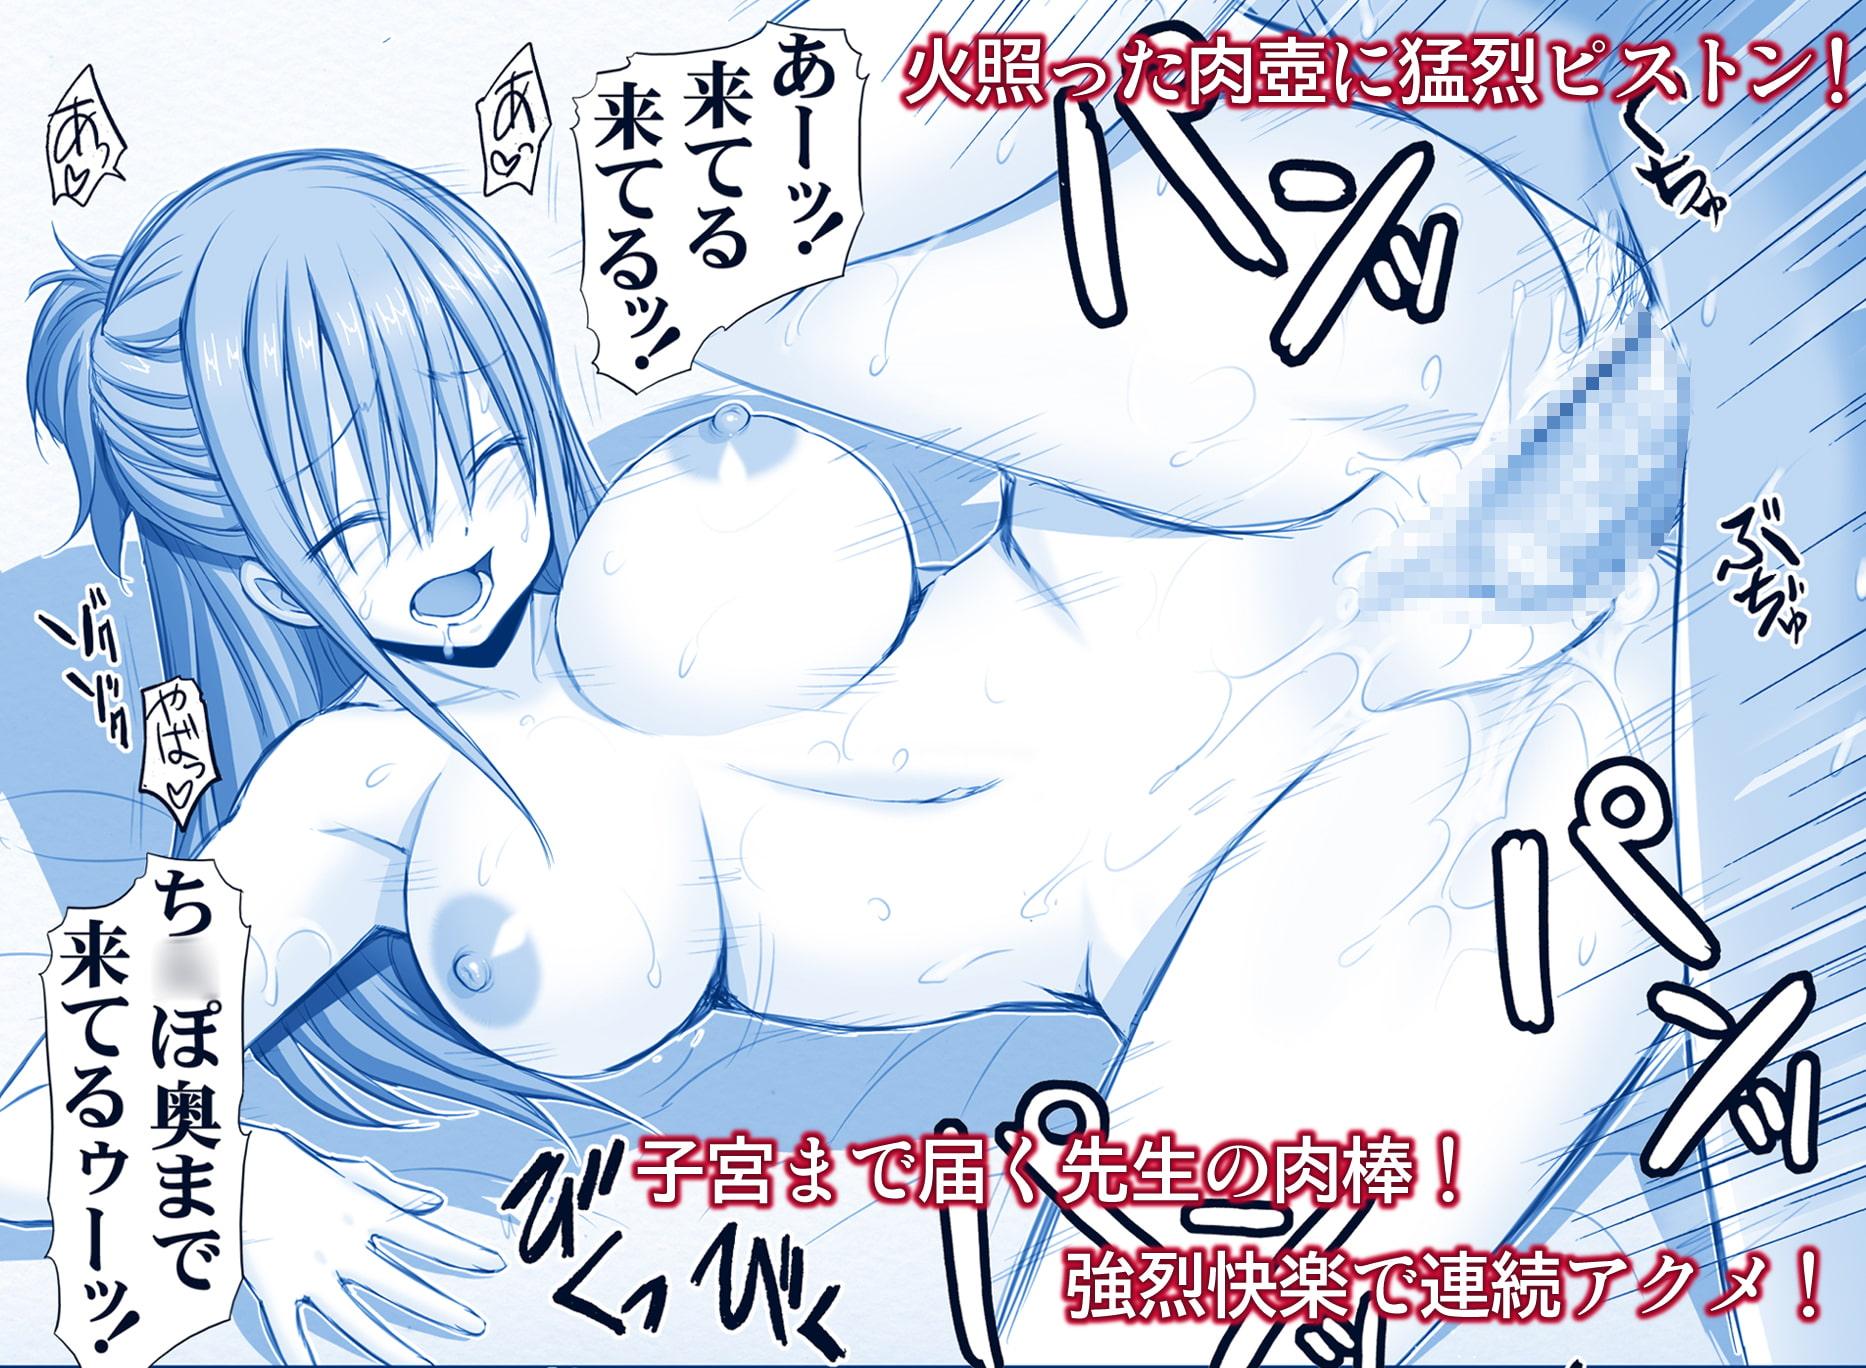 突発のたわわ【巨乳若妻・アクメ淫戯】